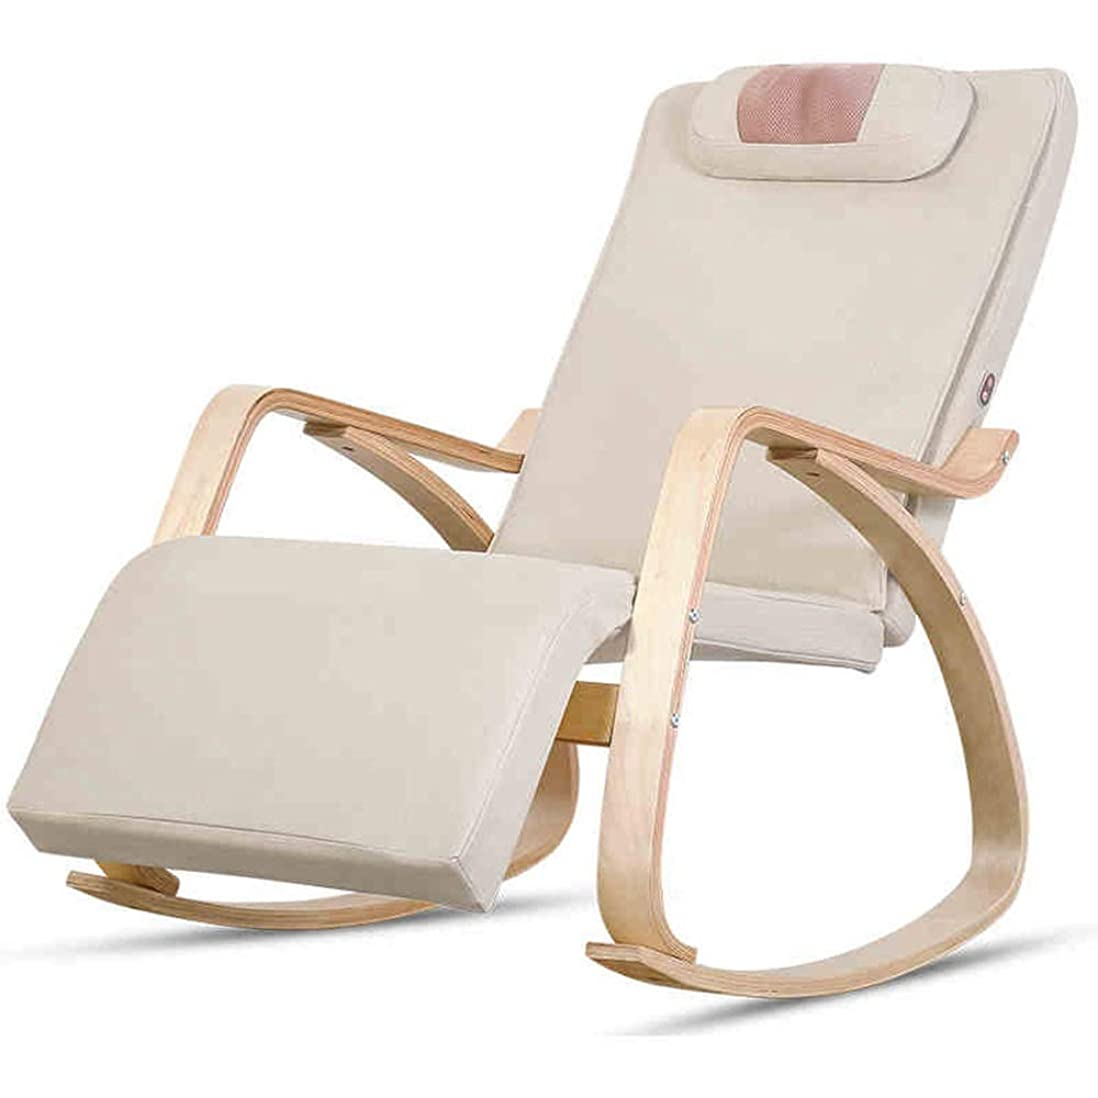 憲法規定フローティングJIAYUAN マッサージクッション 鎮痛のための熱機能のマッサージの椅子、携帯用背部マッサージの椅子にマッサージの暖房、振動、大きい調節可能な首及び肩筋肉混練のマッサージャーがあります